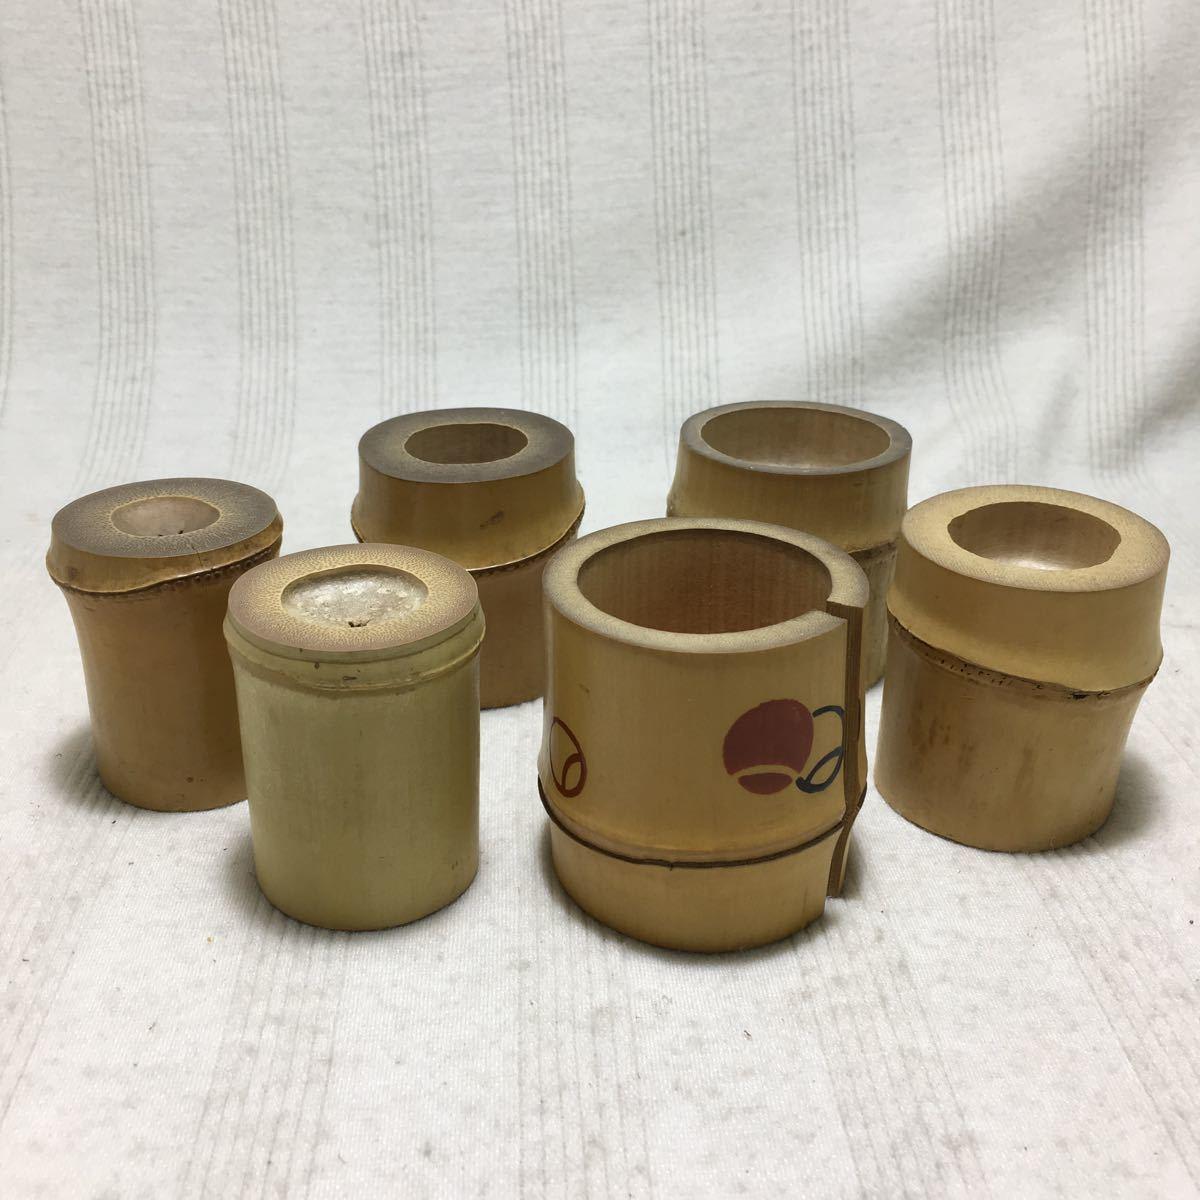 竹蓋置 蓋置 柄杓置 茶道具 つぼつぼ文 など六点